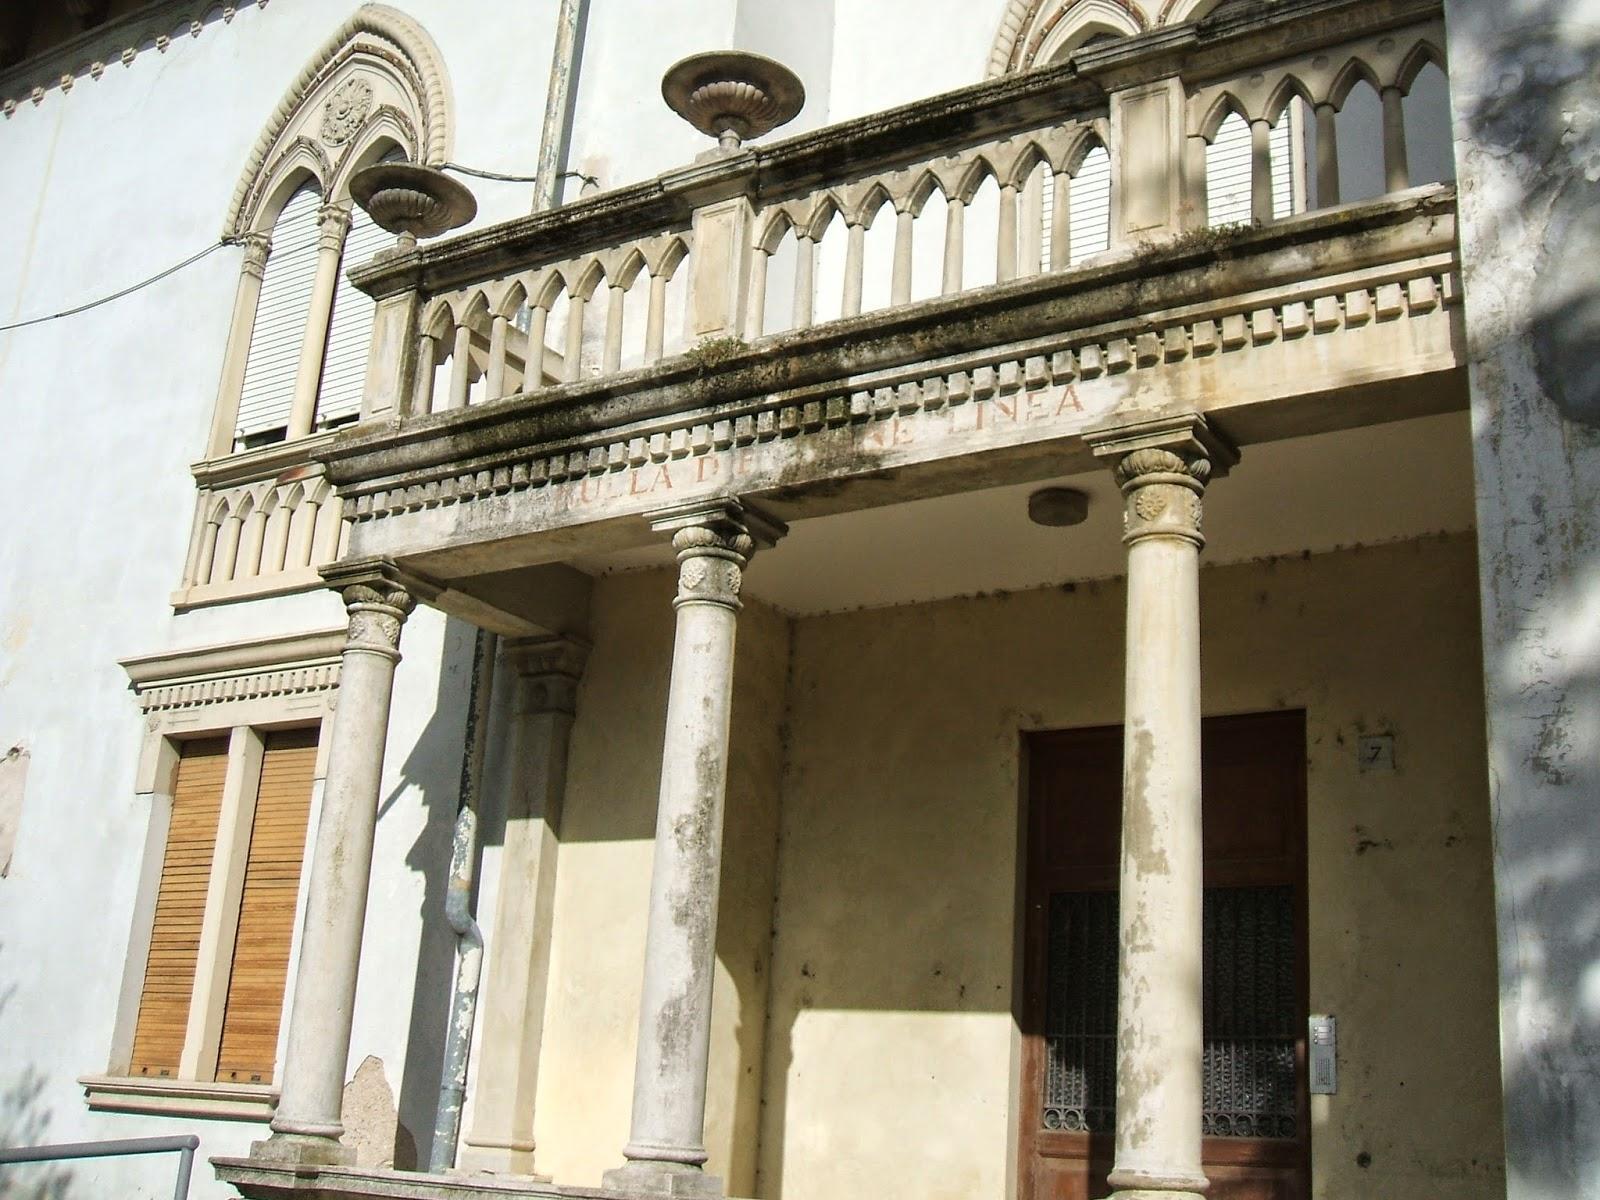 Storia di toscolano maderno un motto latino all 39 esterno for Esterno in latino